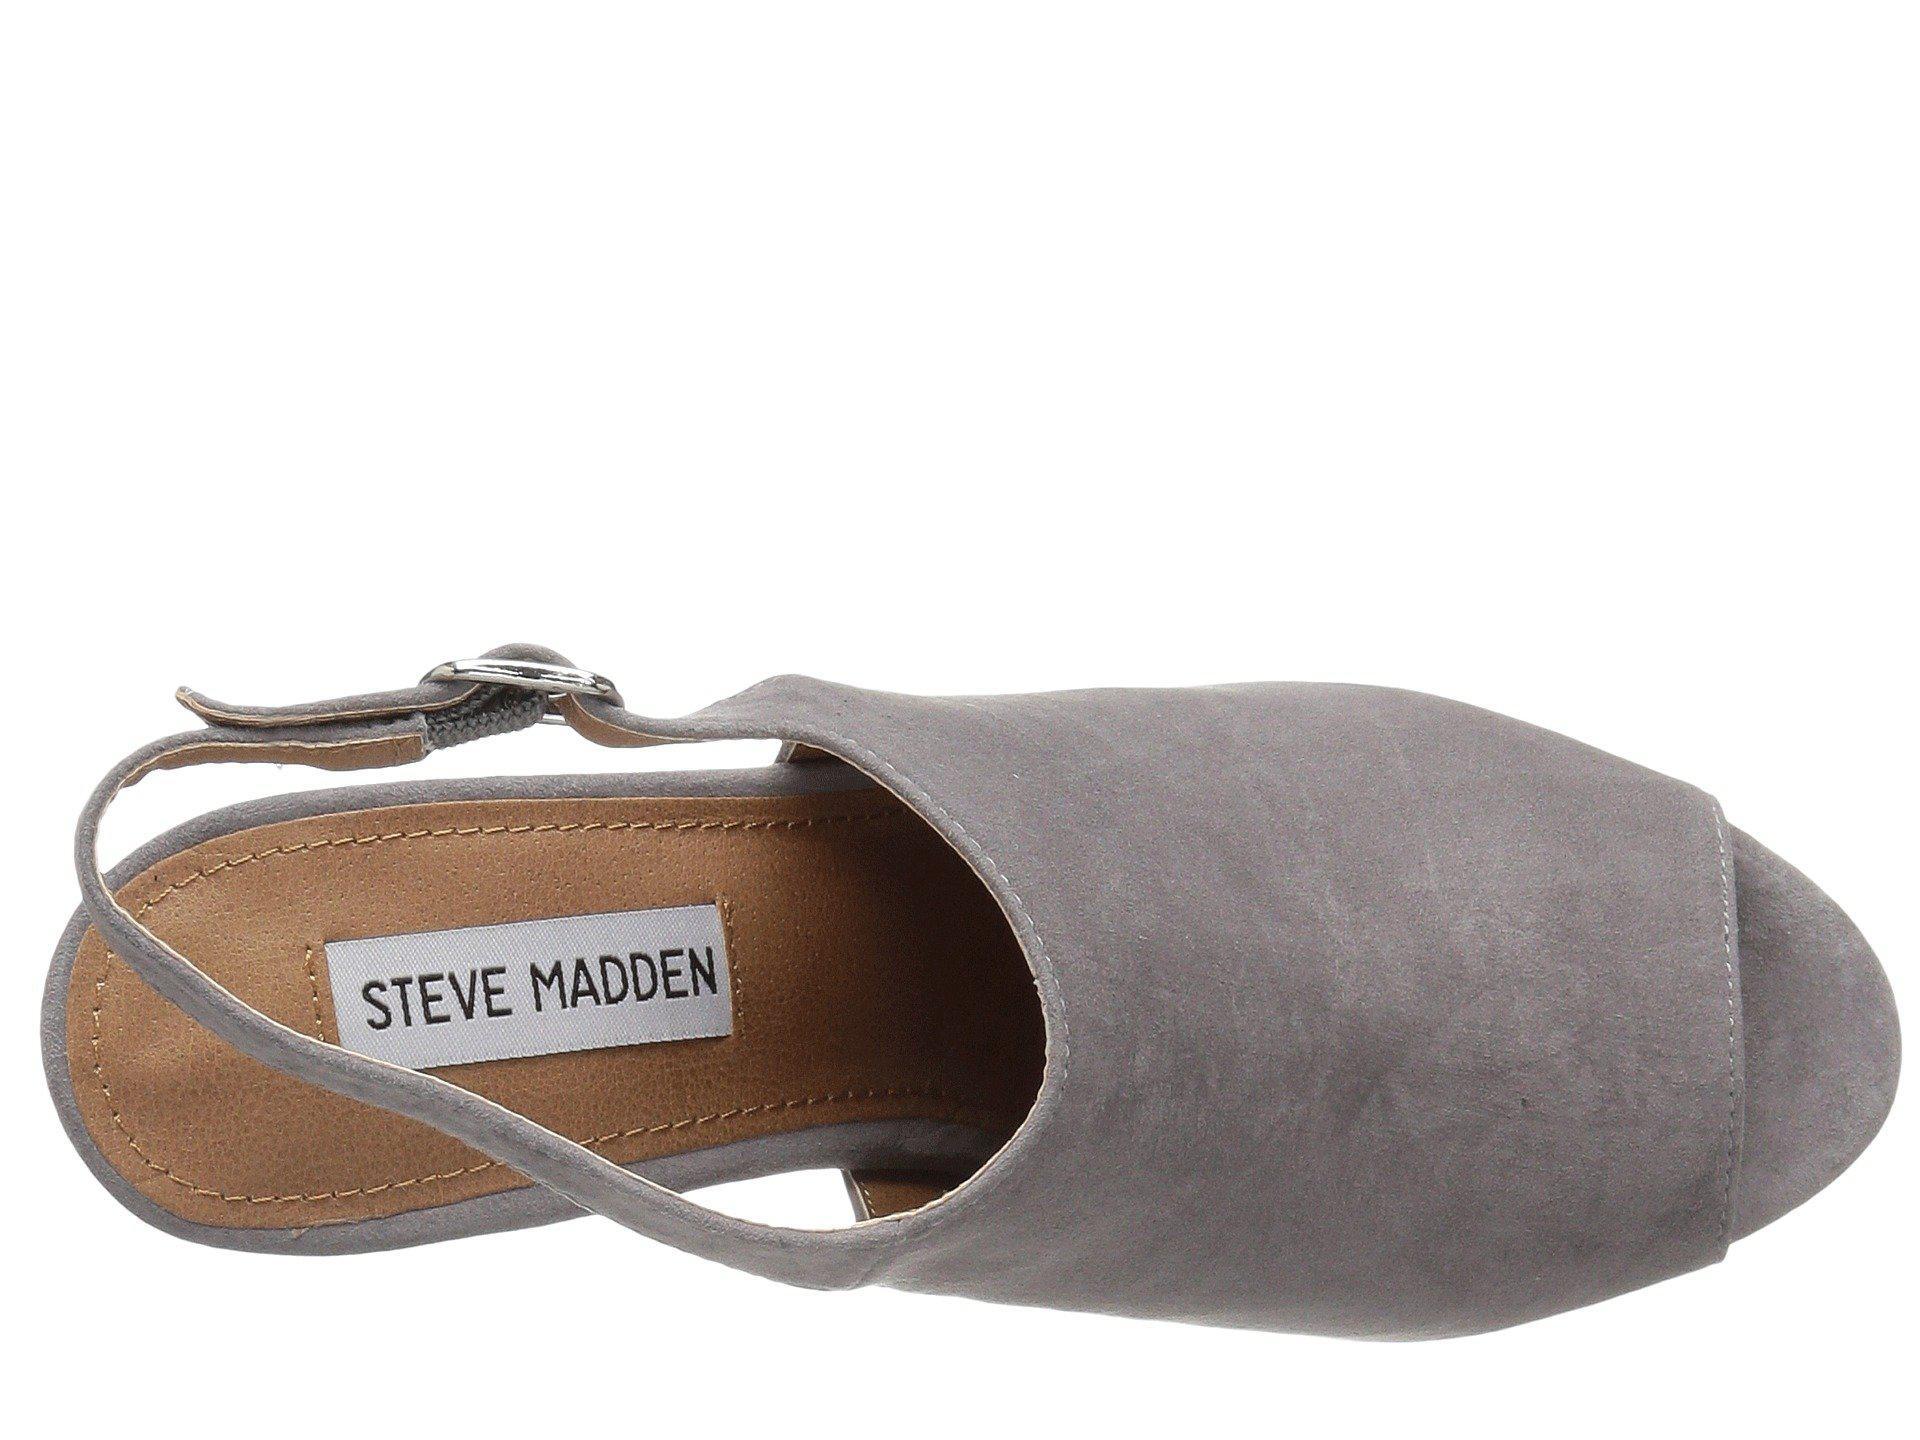 c02a147e911a Lyst - Steve Madden Deagen in Gray